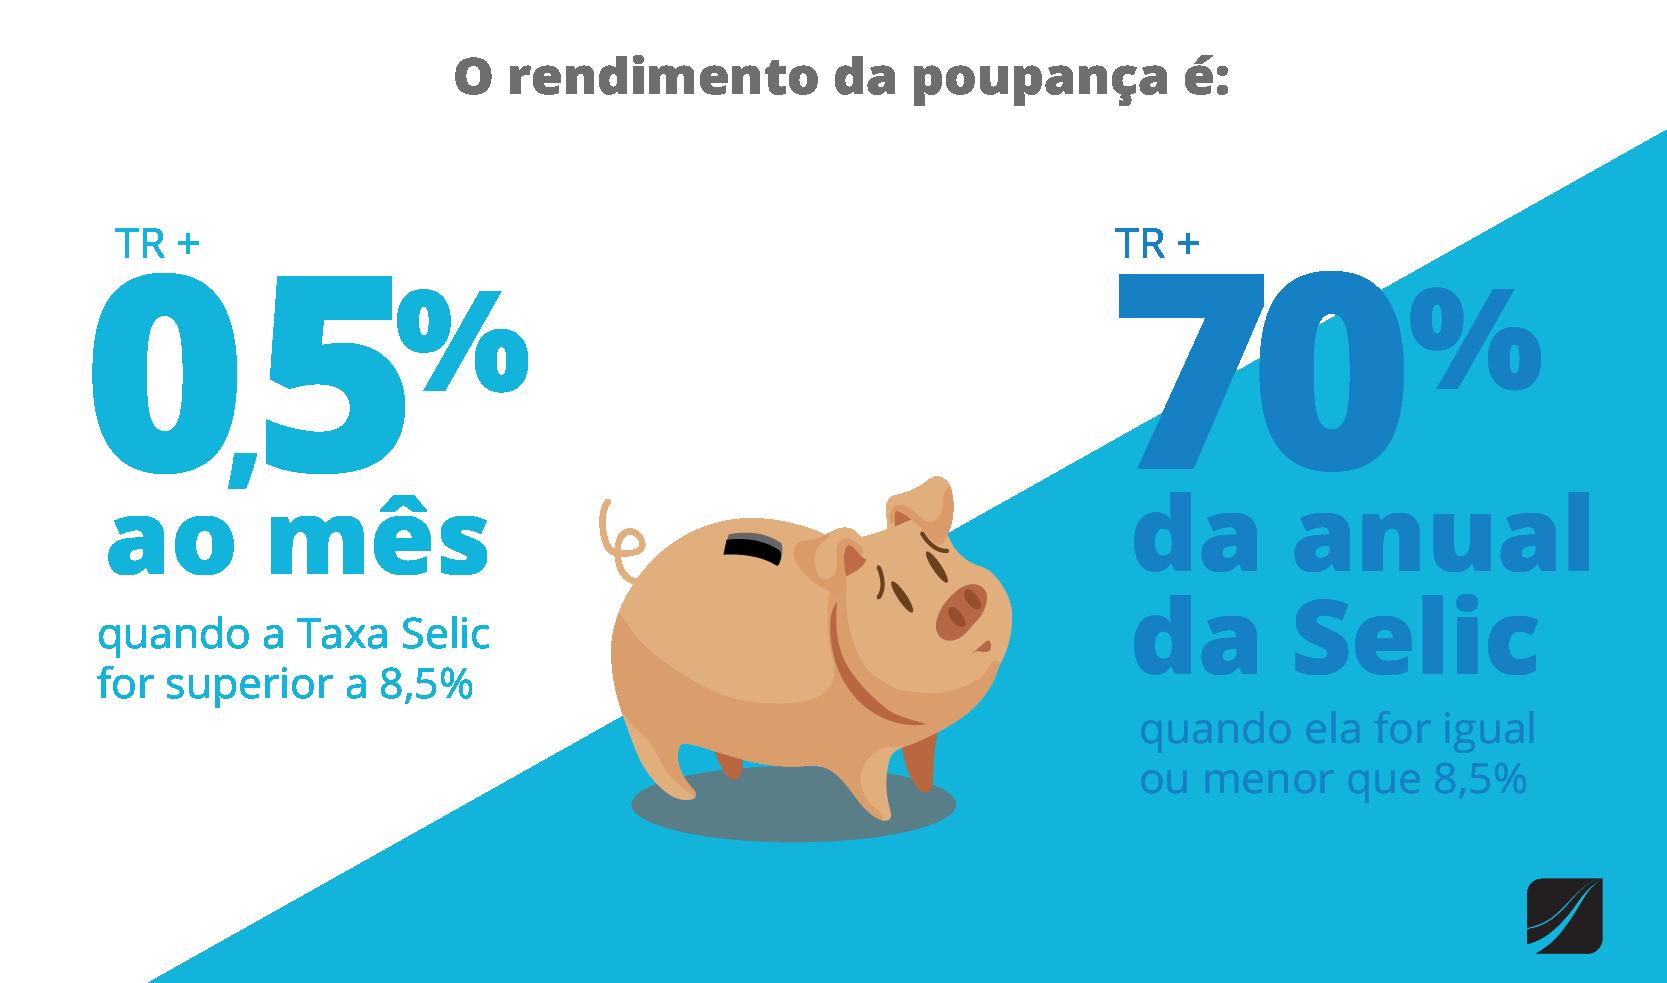 Rendimento_poupanca_infografico.png